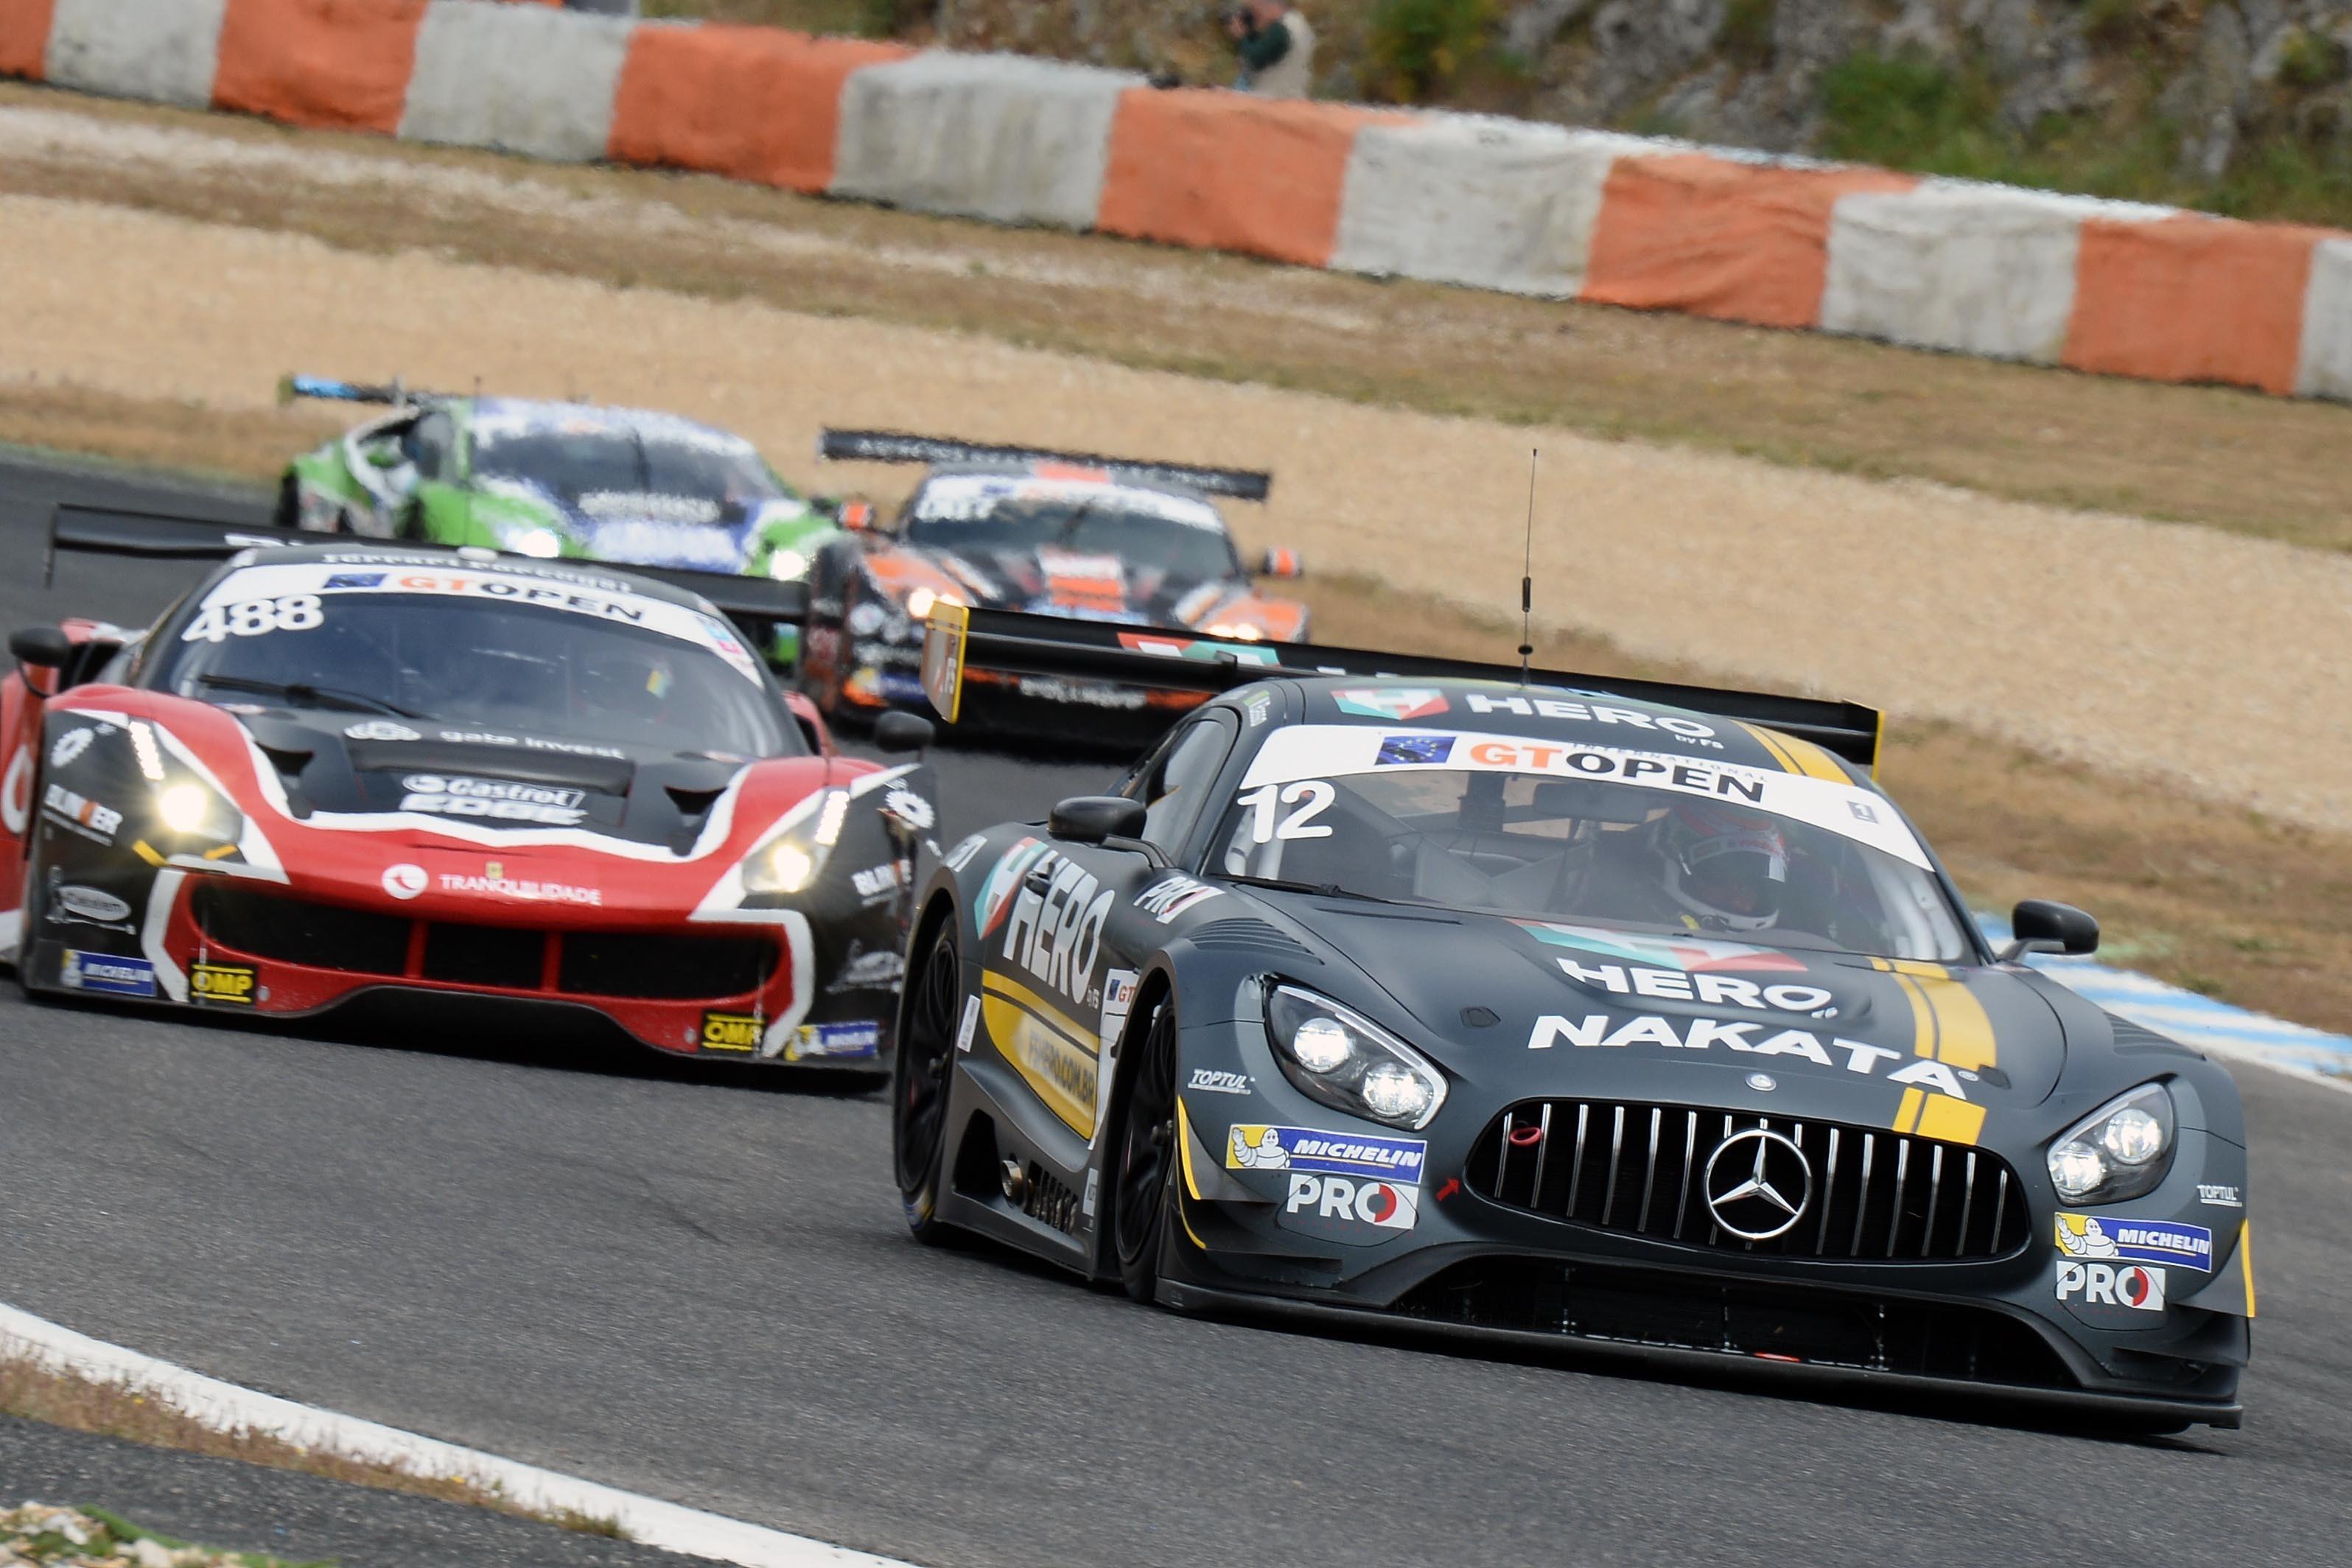 A Mercedes AMG GT3 de Marcelo Basso e Nonô Figueiredo na corrida 2 de domingo onde fizeram P3 na categoria AM (Foto: Divulgação/FOTOSPEEDY)